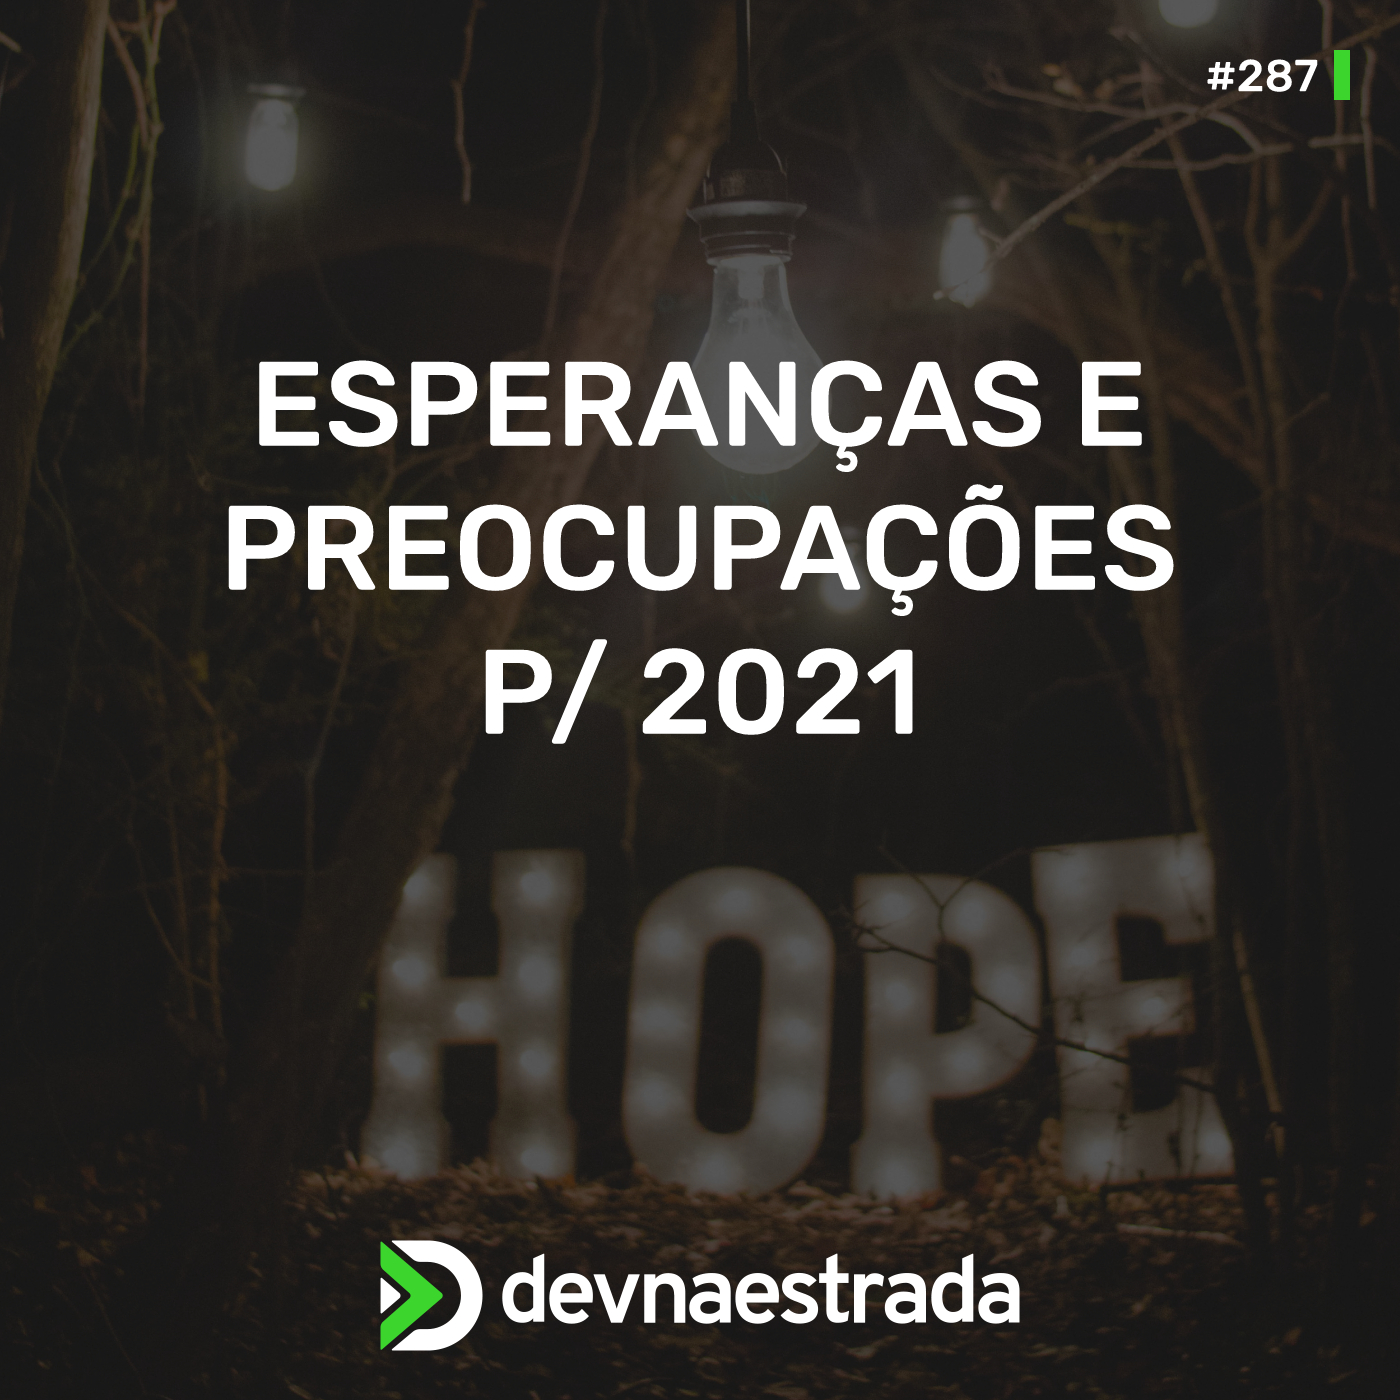 Esperanças e Preocupações